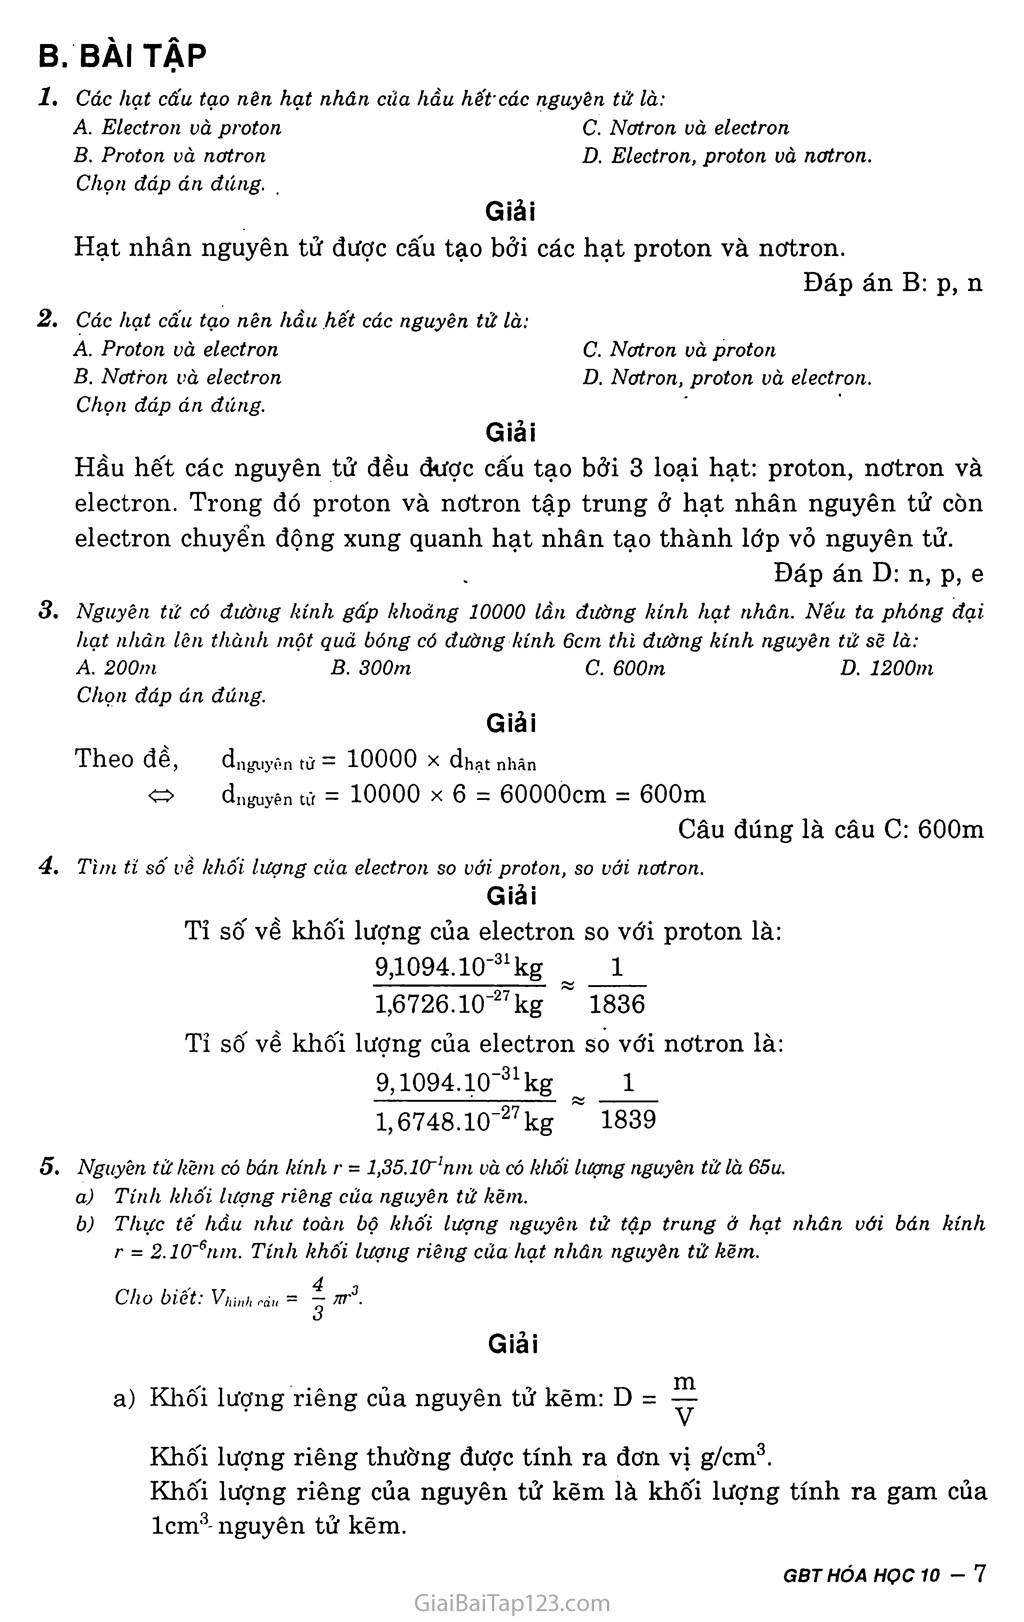 Bài 1: Thành phần nguyên tử trang 3